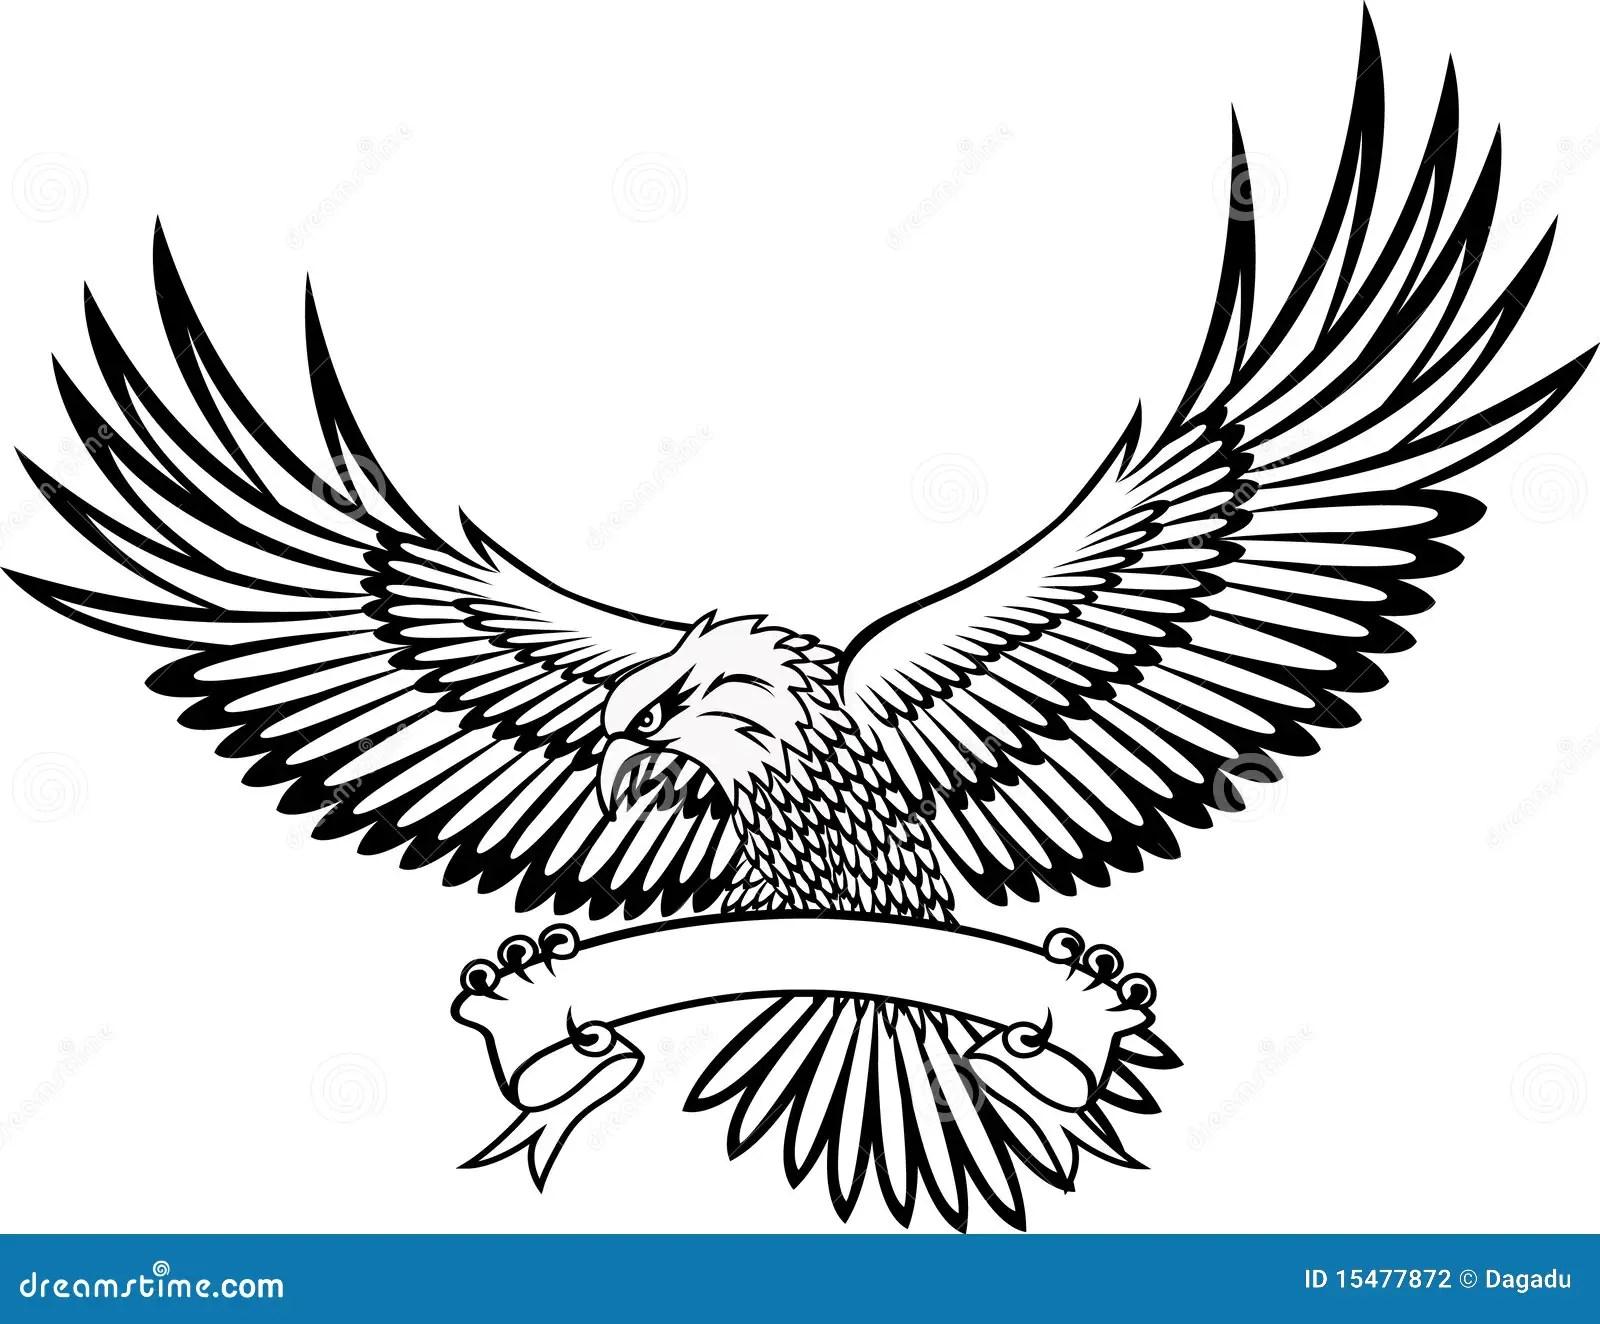 Stock Photography Eagle Emblem Image